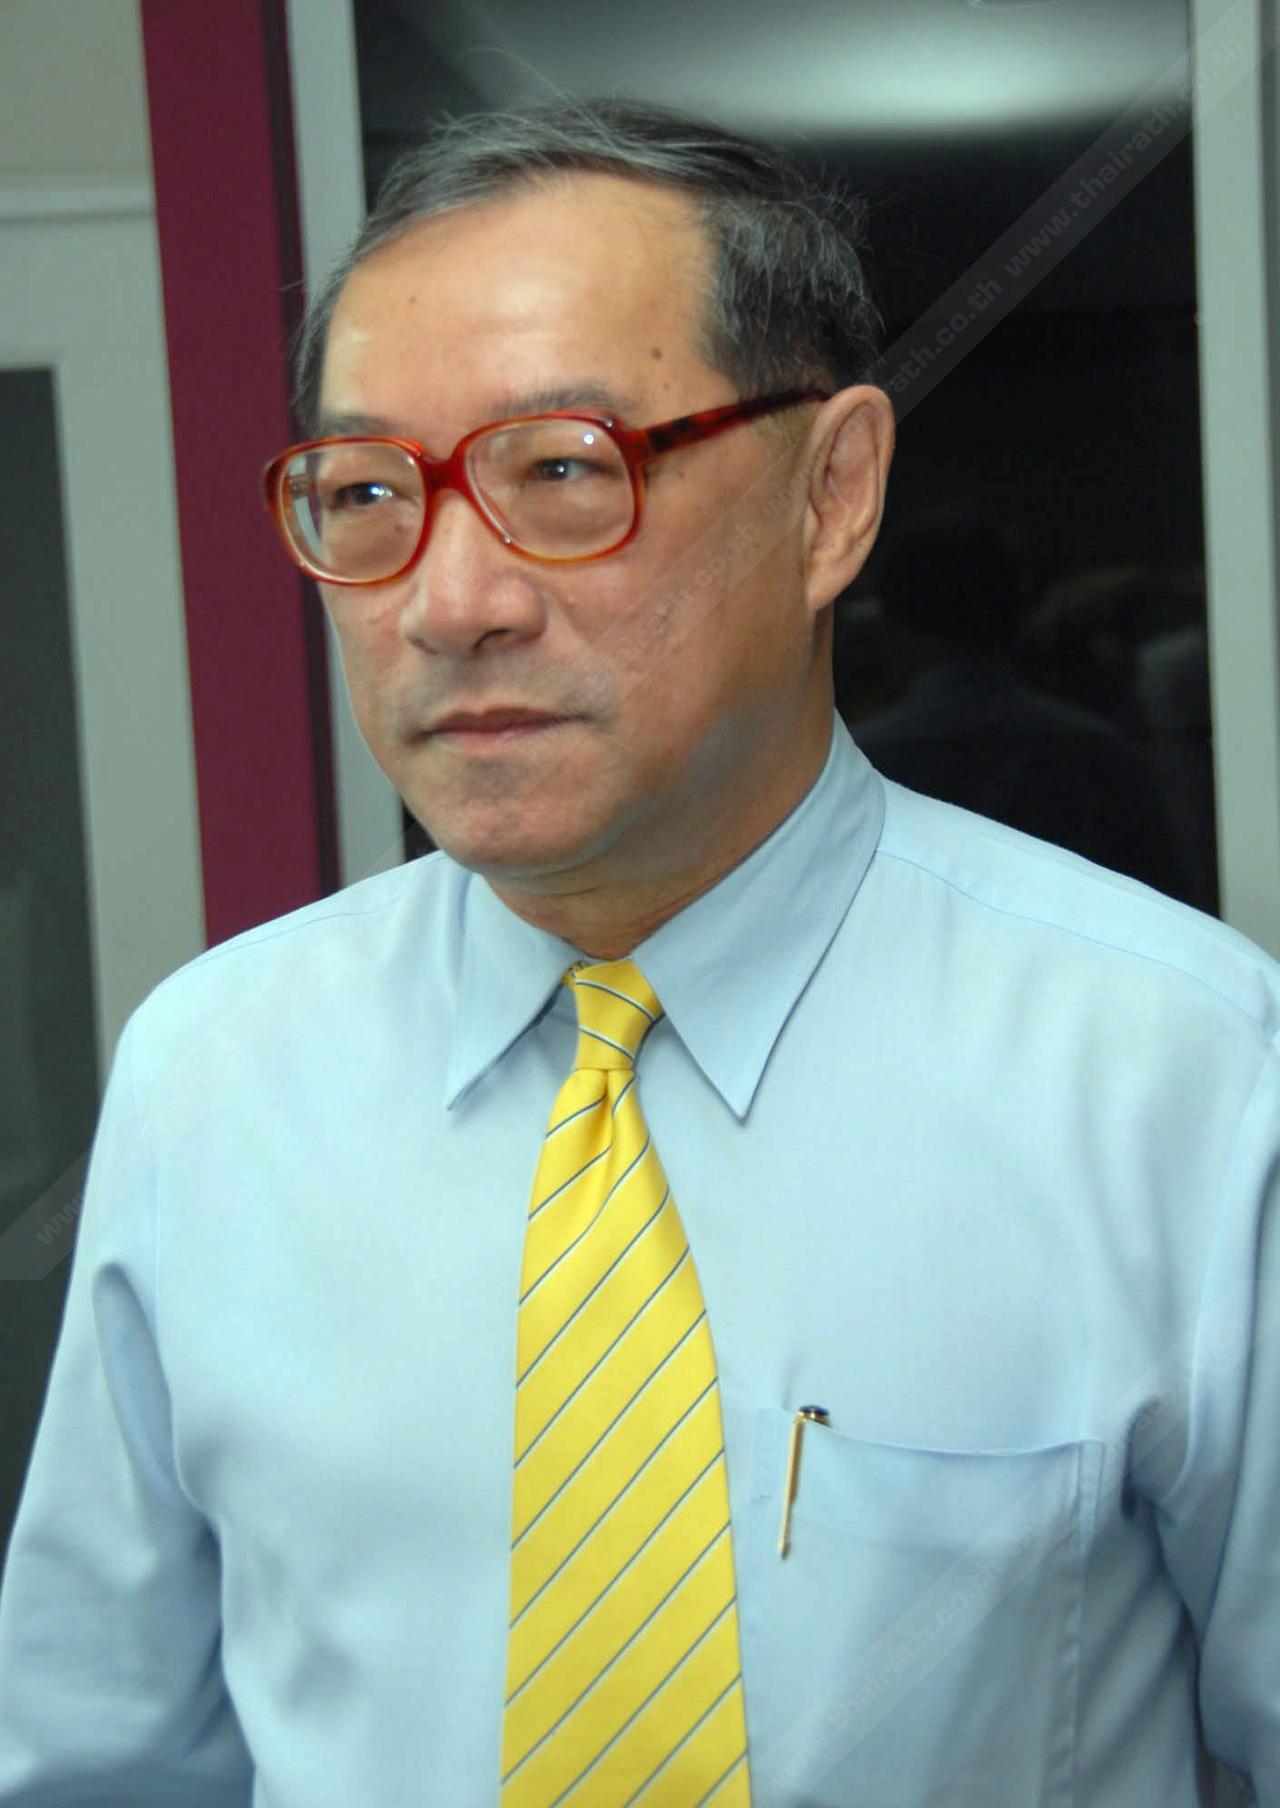 นายกฤษณพงศ์ กีรติกร รัฐมนตรีช่วยว่าการกระทรวงศึกษาธิการ